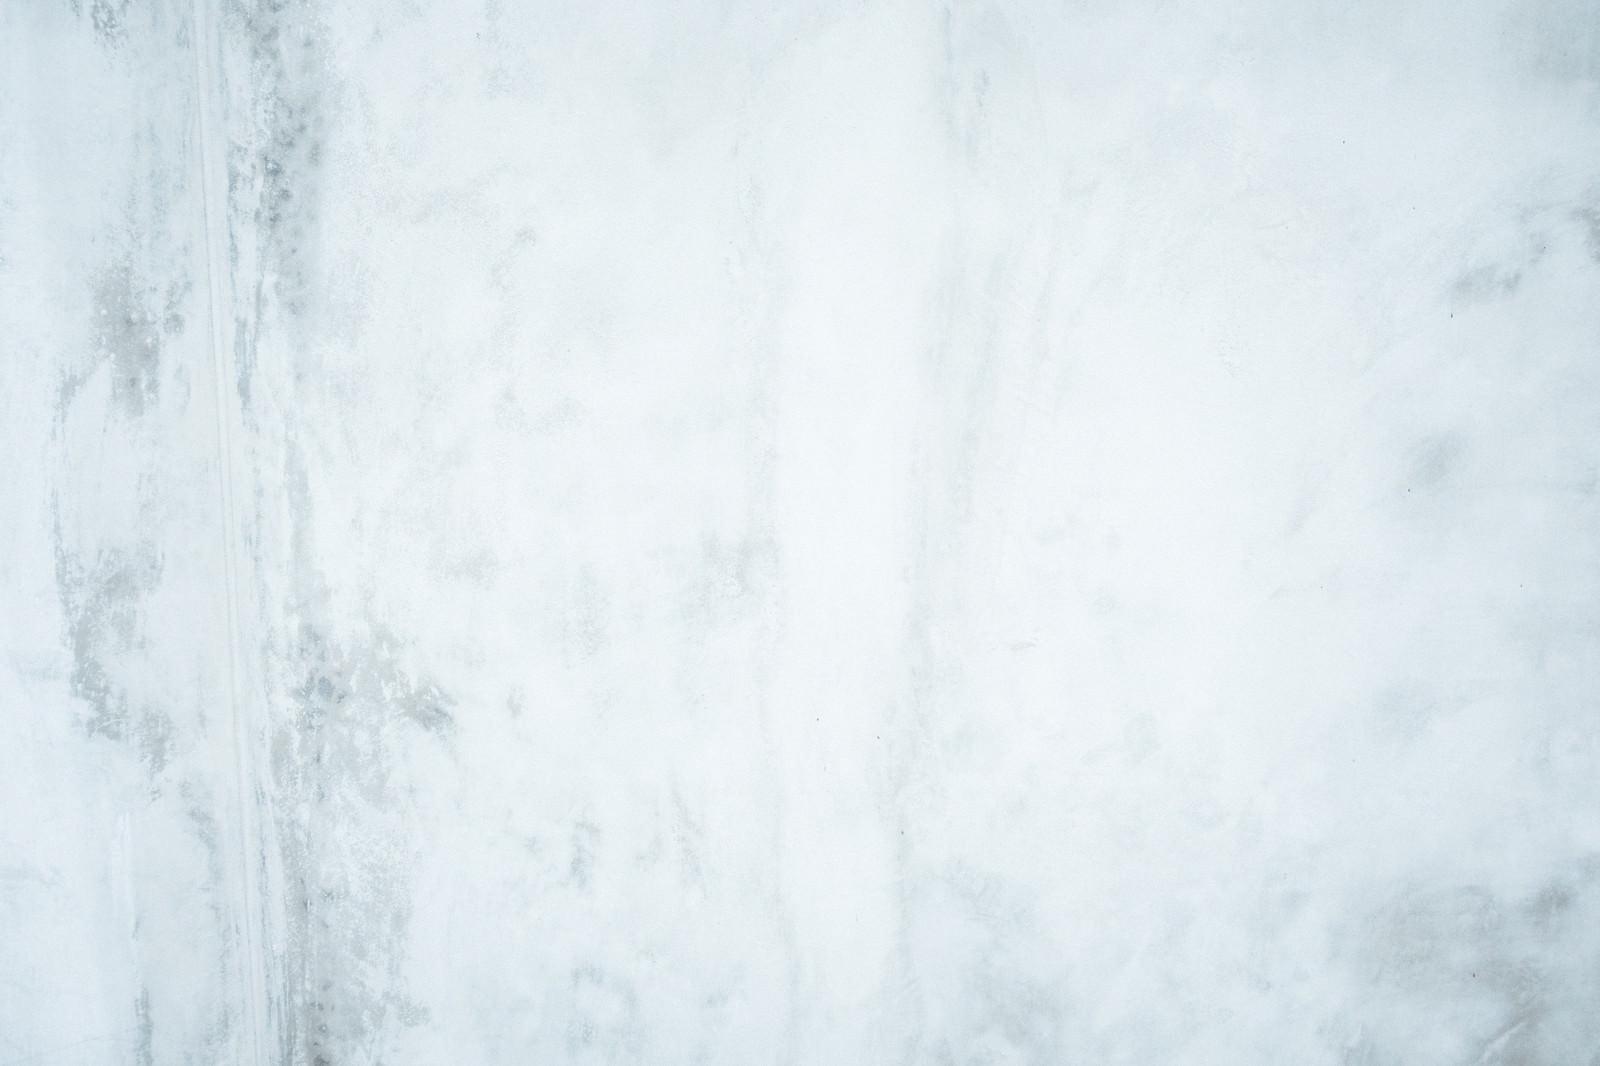 「薄汚れたコンクリートの壁(テクスチャー)薄汚れたコンクリートの壁(テクスチャー)」のフリー写真素材を拡大